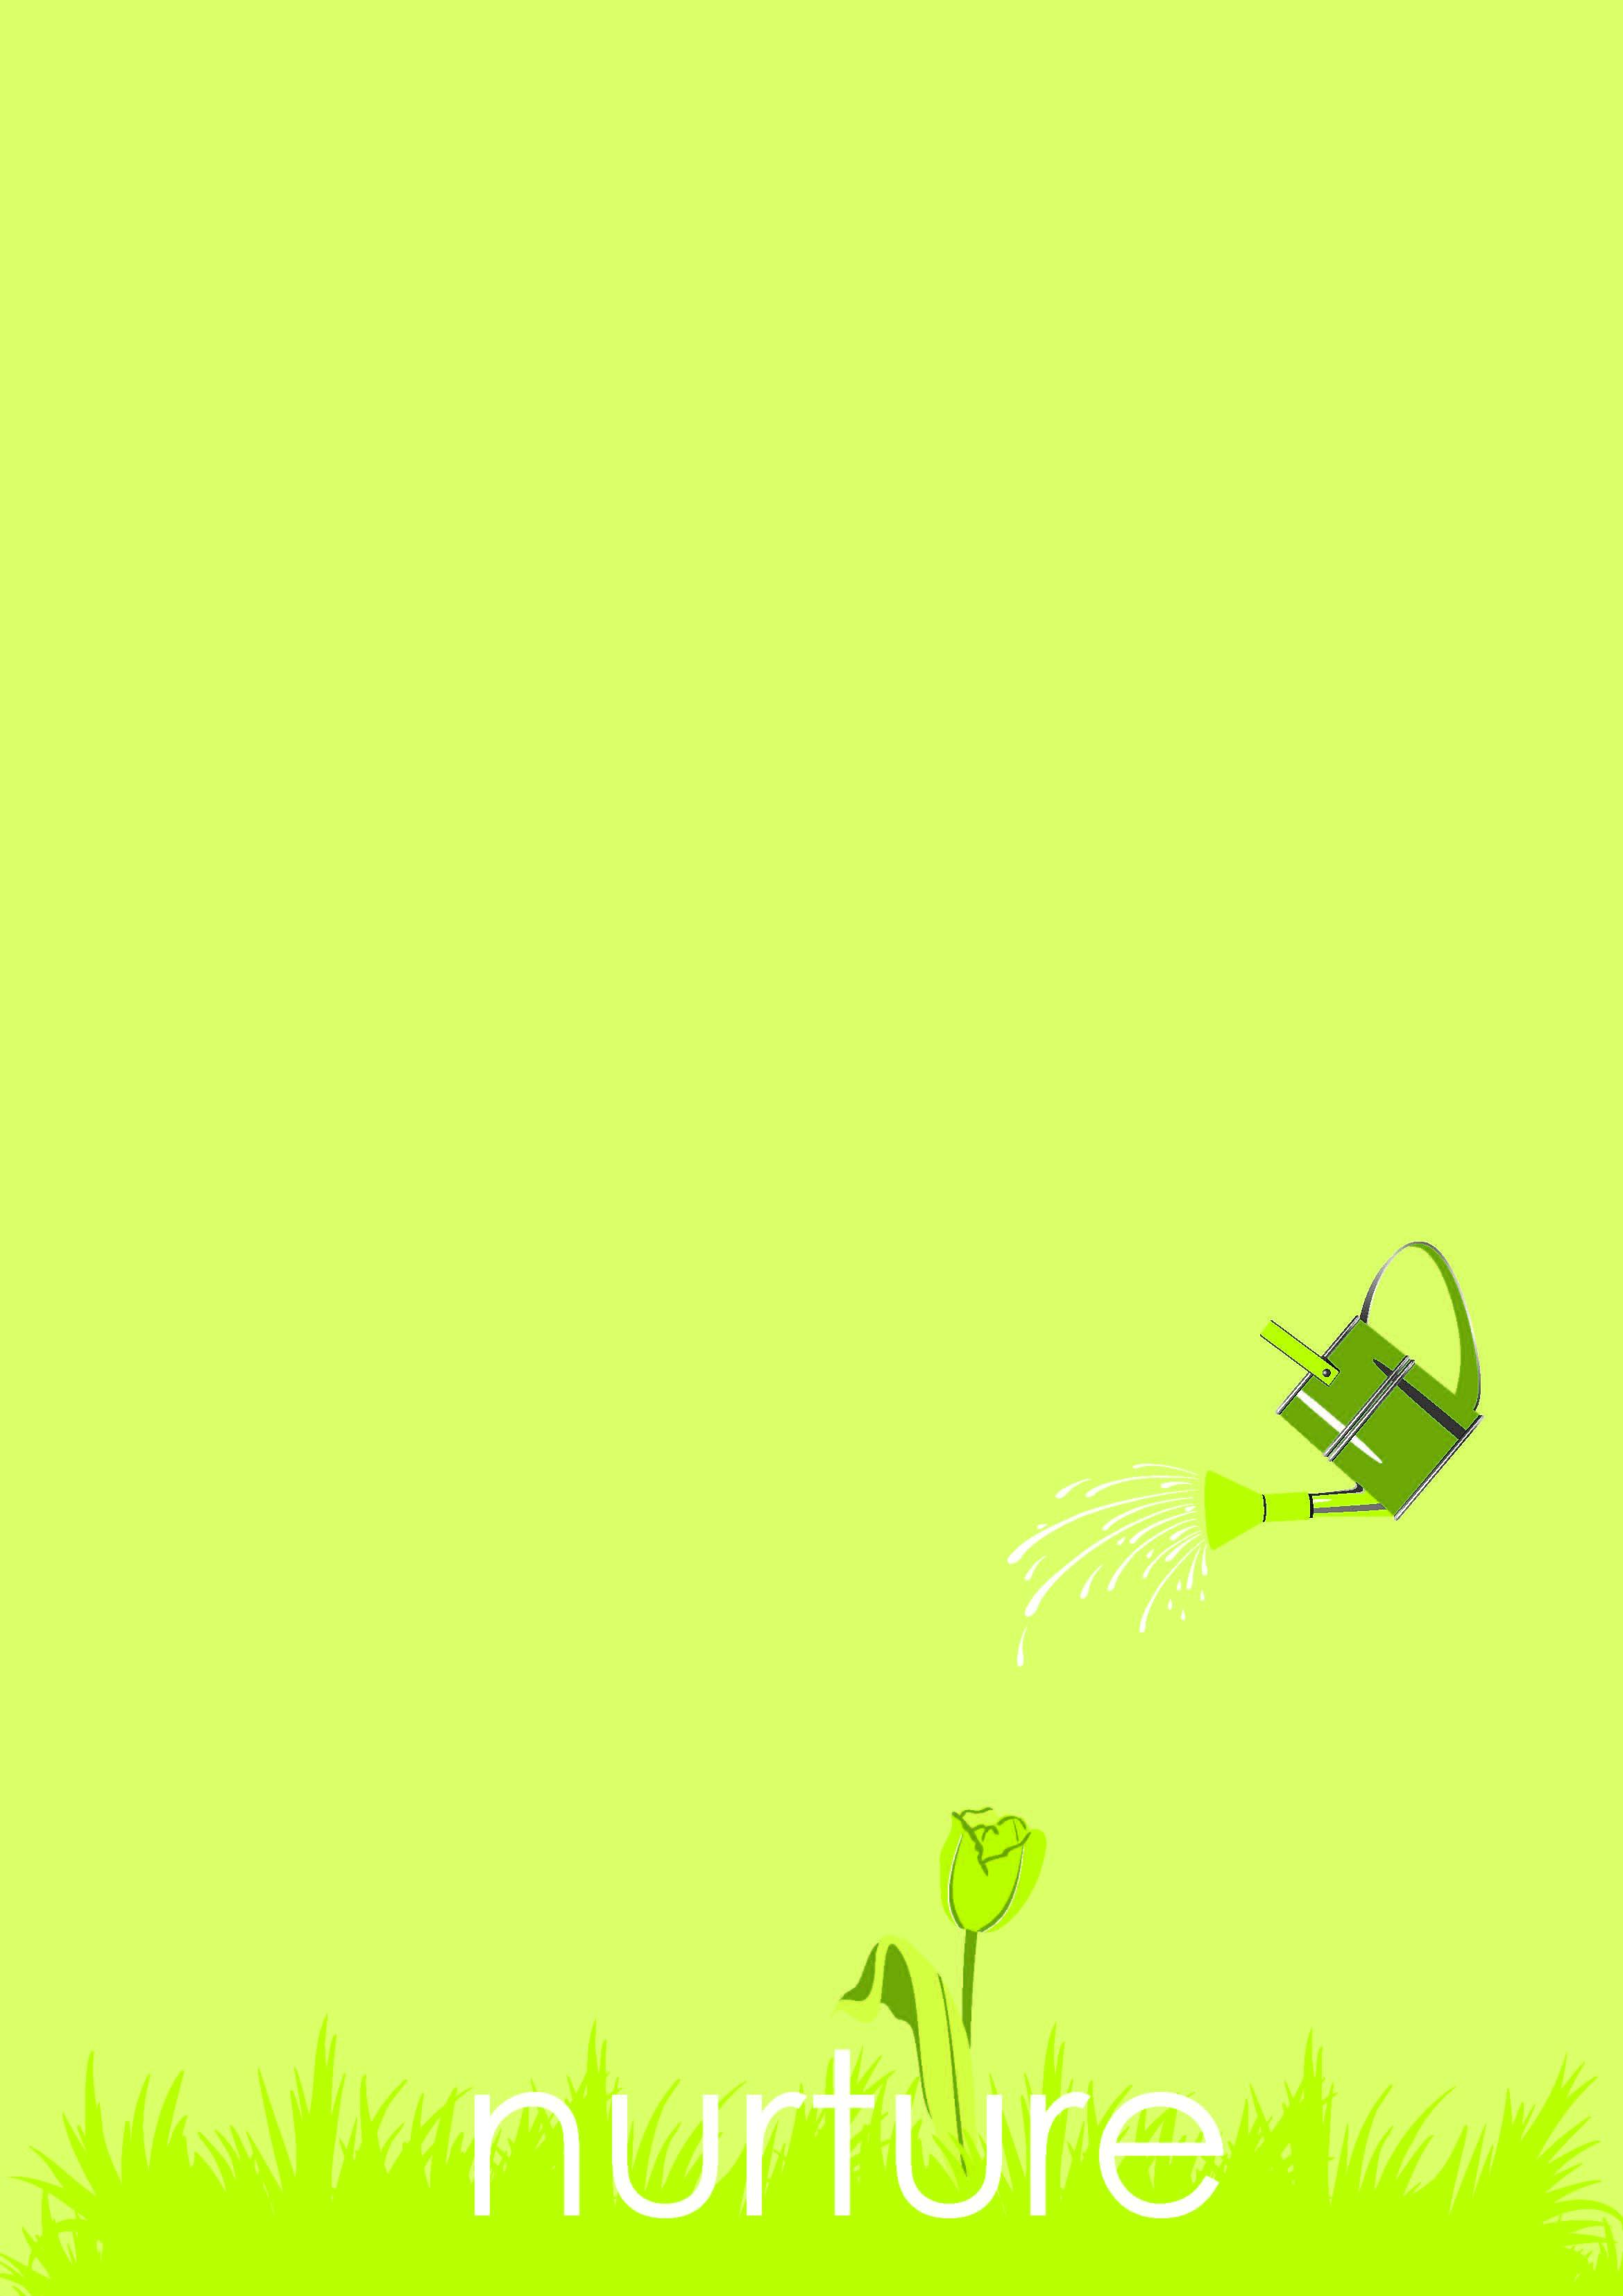 Green series - Nurture